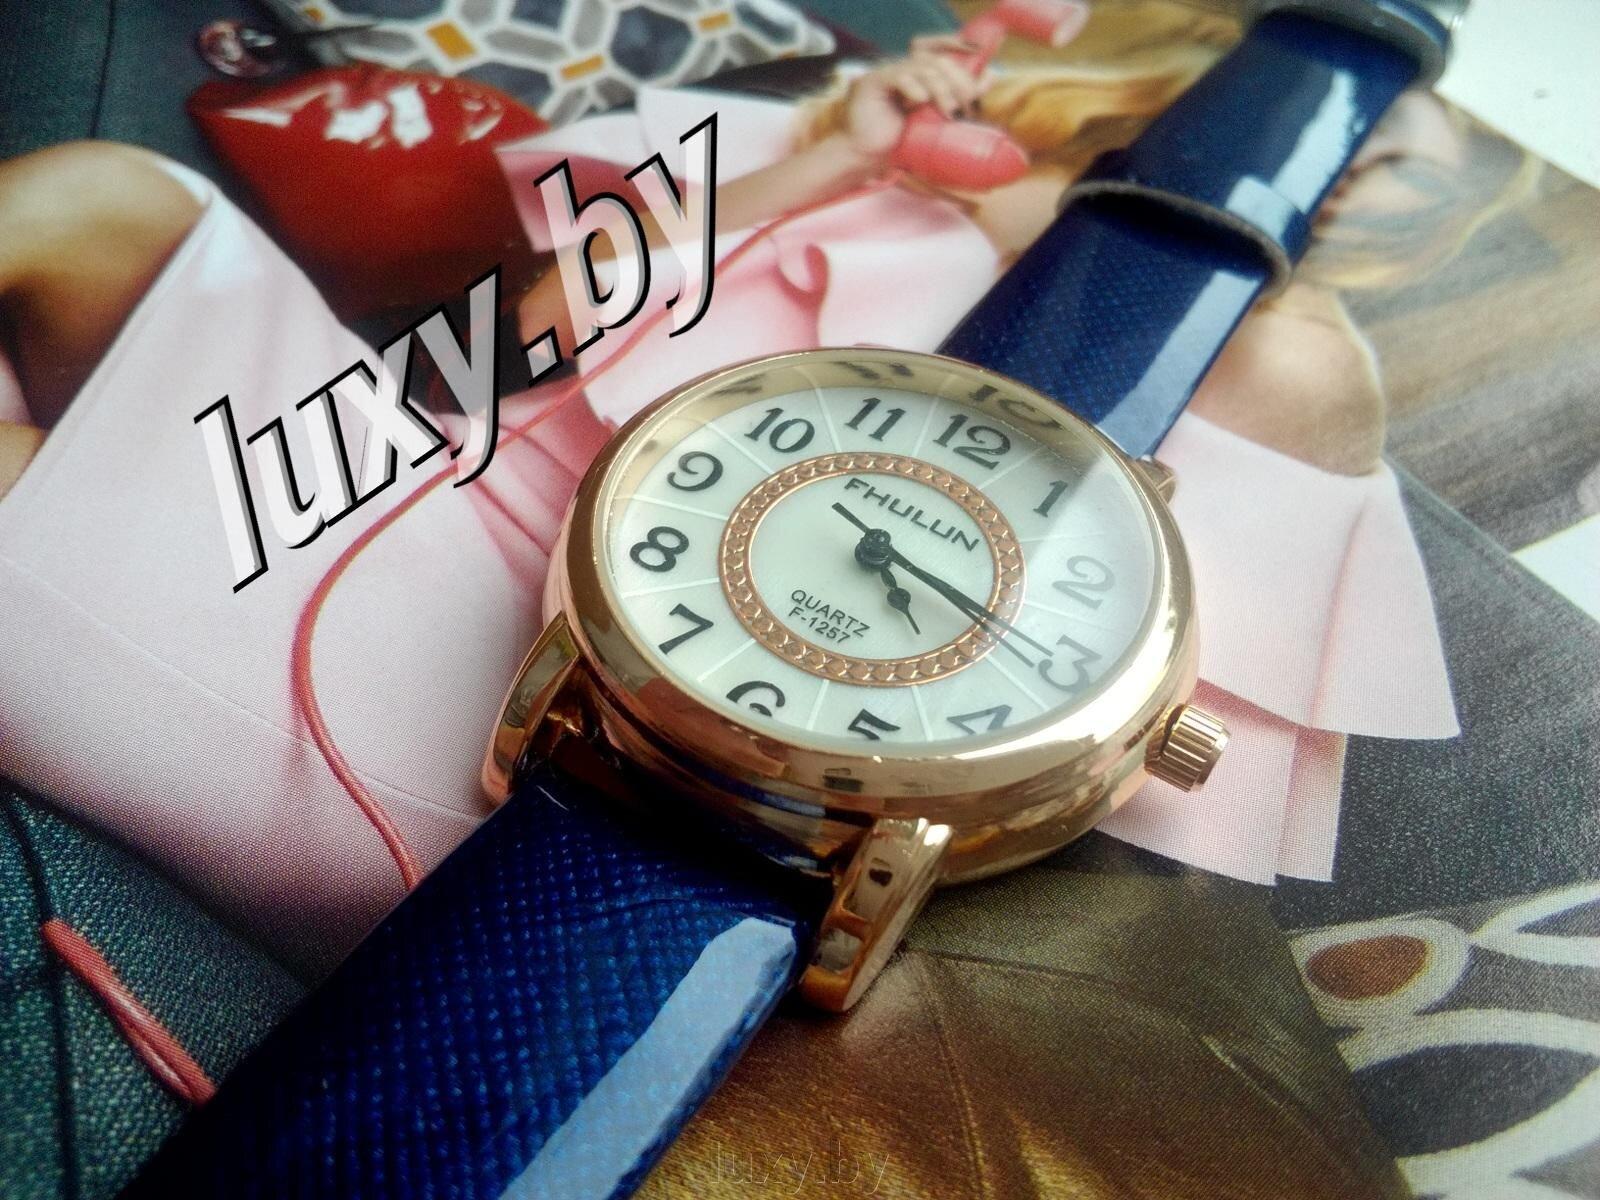 Часы наручные женские Fhulun, прорисованные цифры, ремешок синий, Н-1 - фото pic_23c13cd57cf0aba_1920x9000_1.jpg